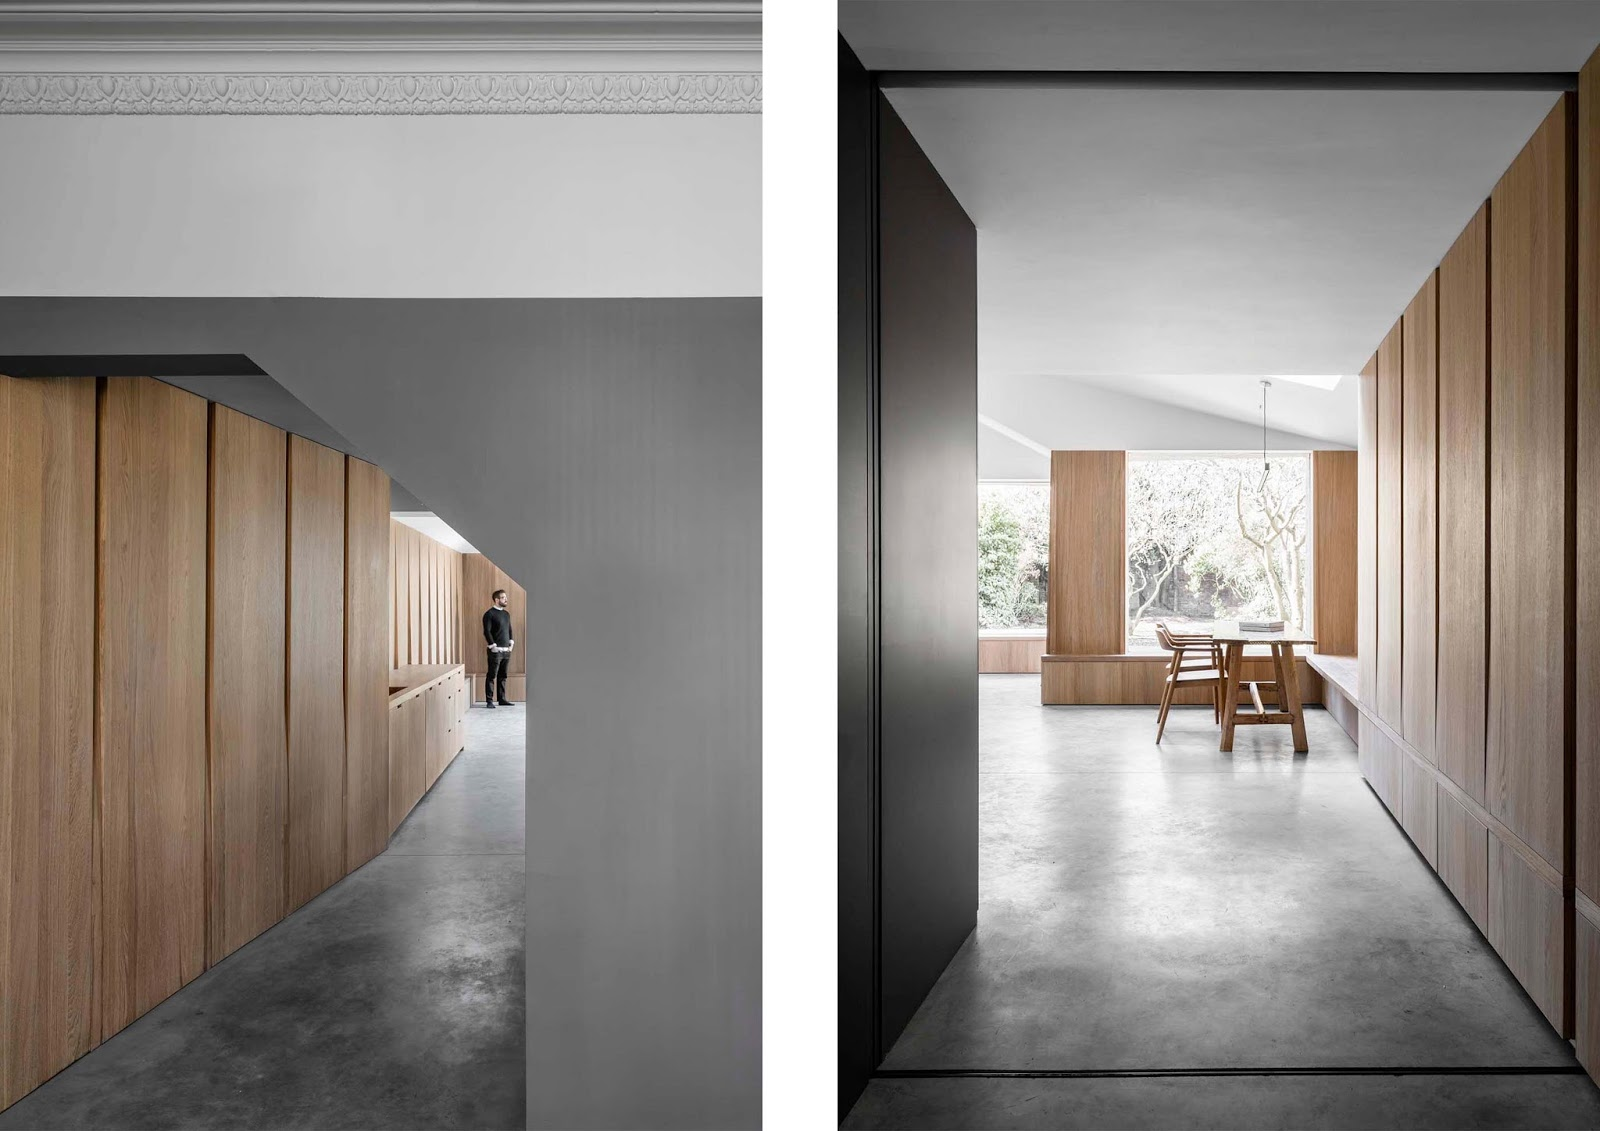 Interni E Design Of Mattoni A Contrasto Ed Interni In Cemento E Legno Arc